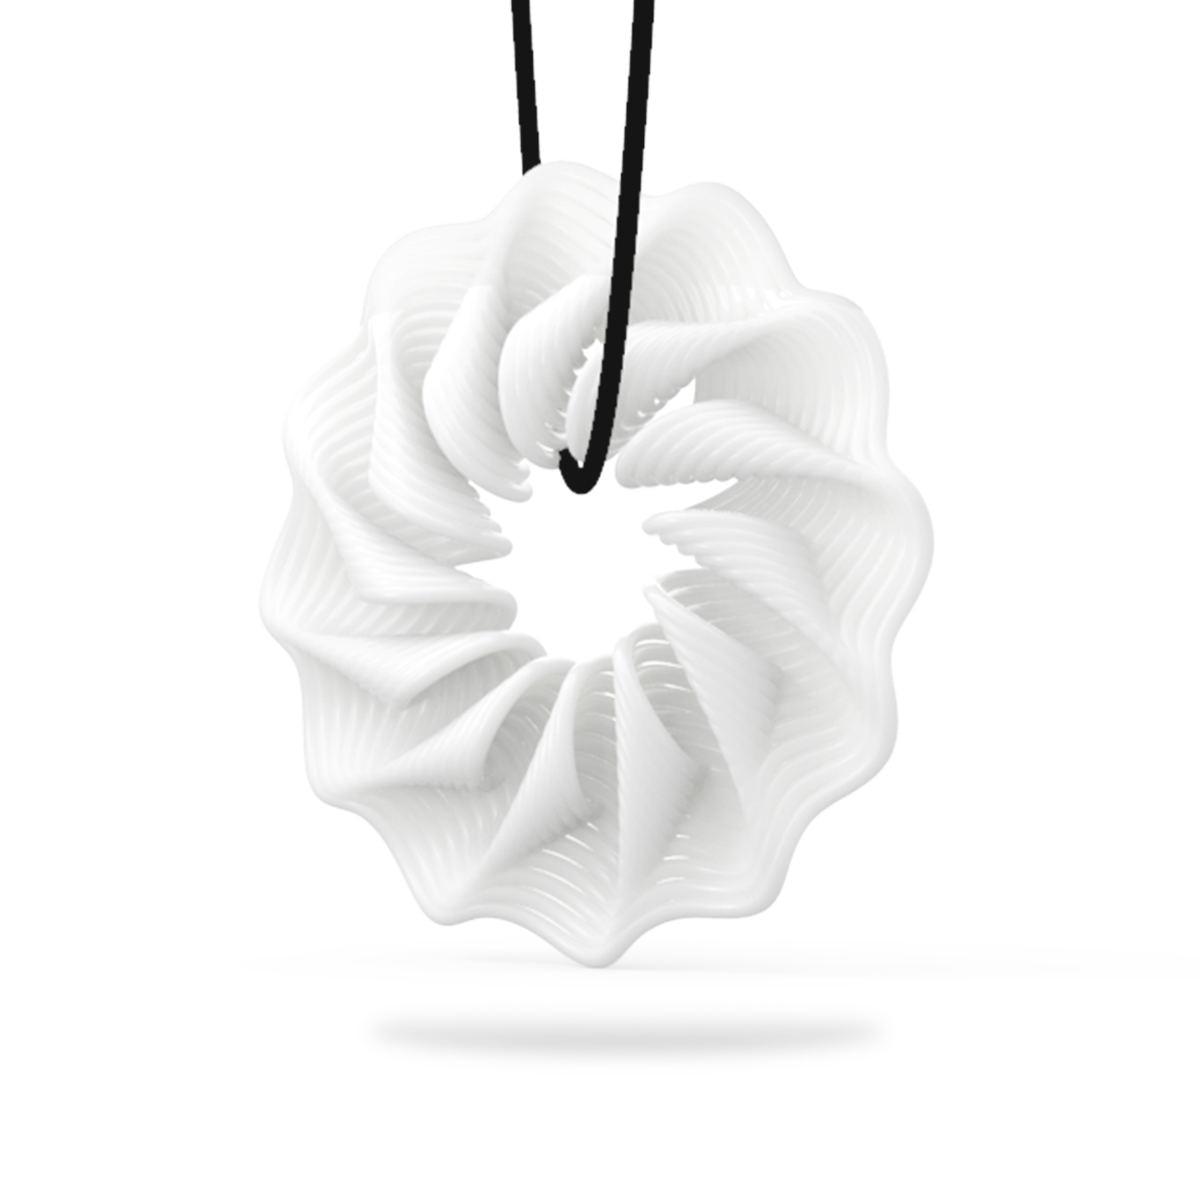 Tooarts Tomfeel 3D Baskılı Takı Ritim Zarif Modelleme Kolye Takı - Ev Dekoru - Fotoğraf 3